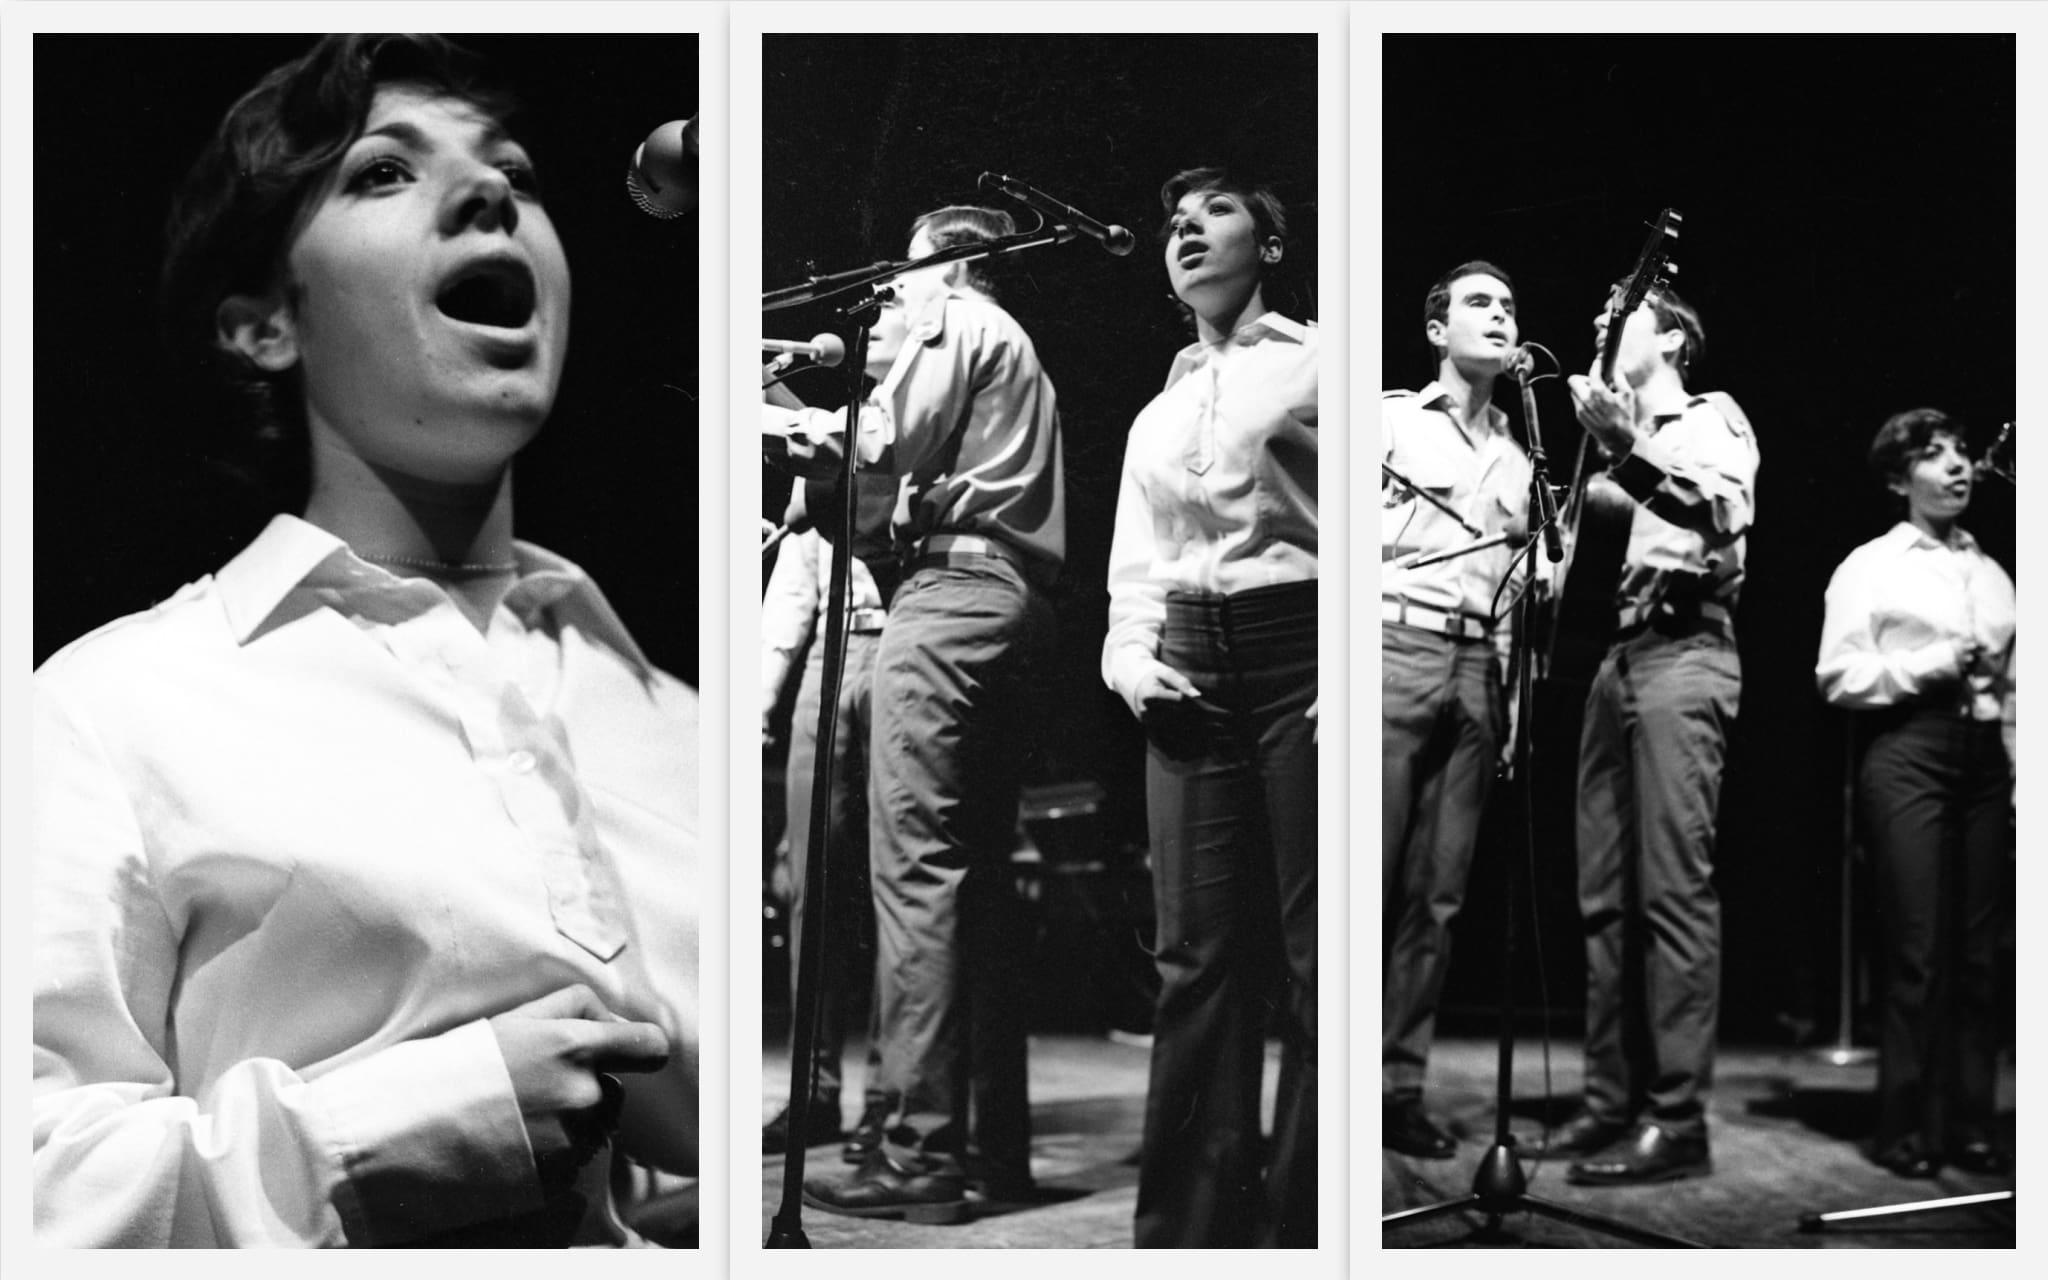 שלישיית פיקוד מרכז עם דורית ראובני בערב שירי משוררים בבית החייל בתל אביב, 25 בינואר 1972 (צילום: אוסף דן הדני, הספרייה הלאומית)